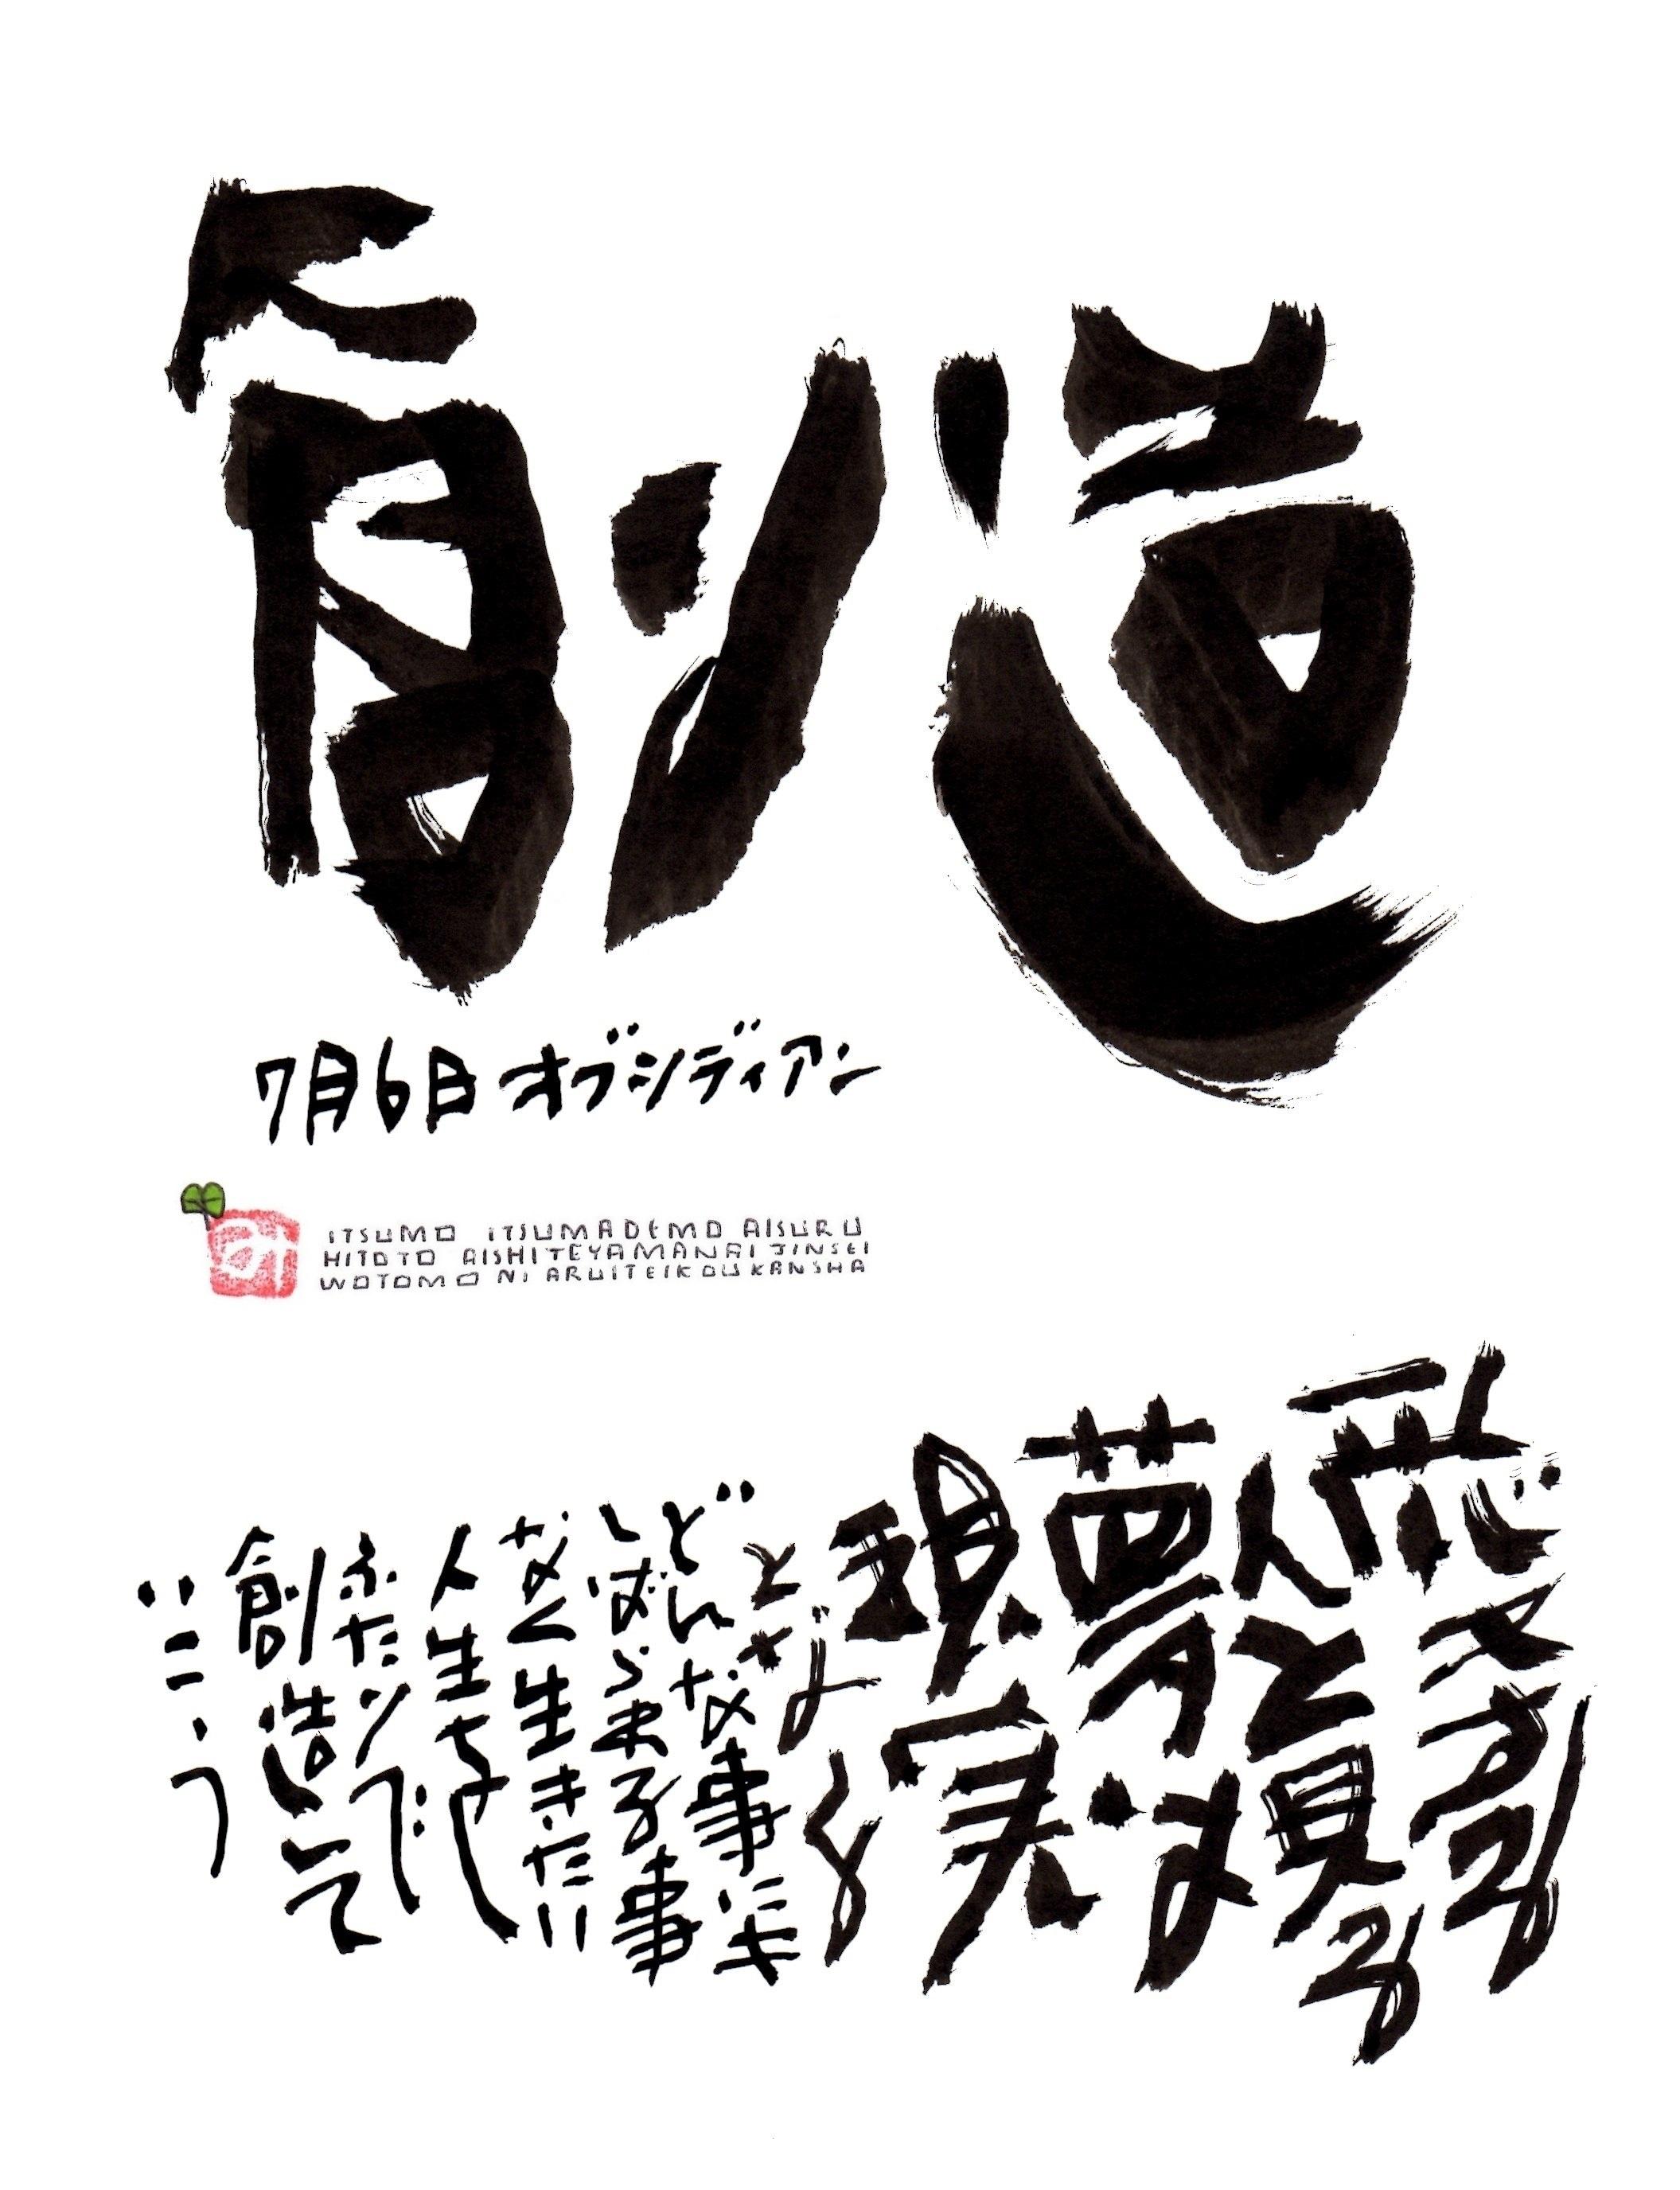 7月6日 結婚記念日ポストカード 【創造】